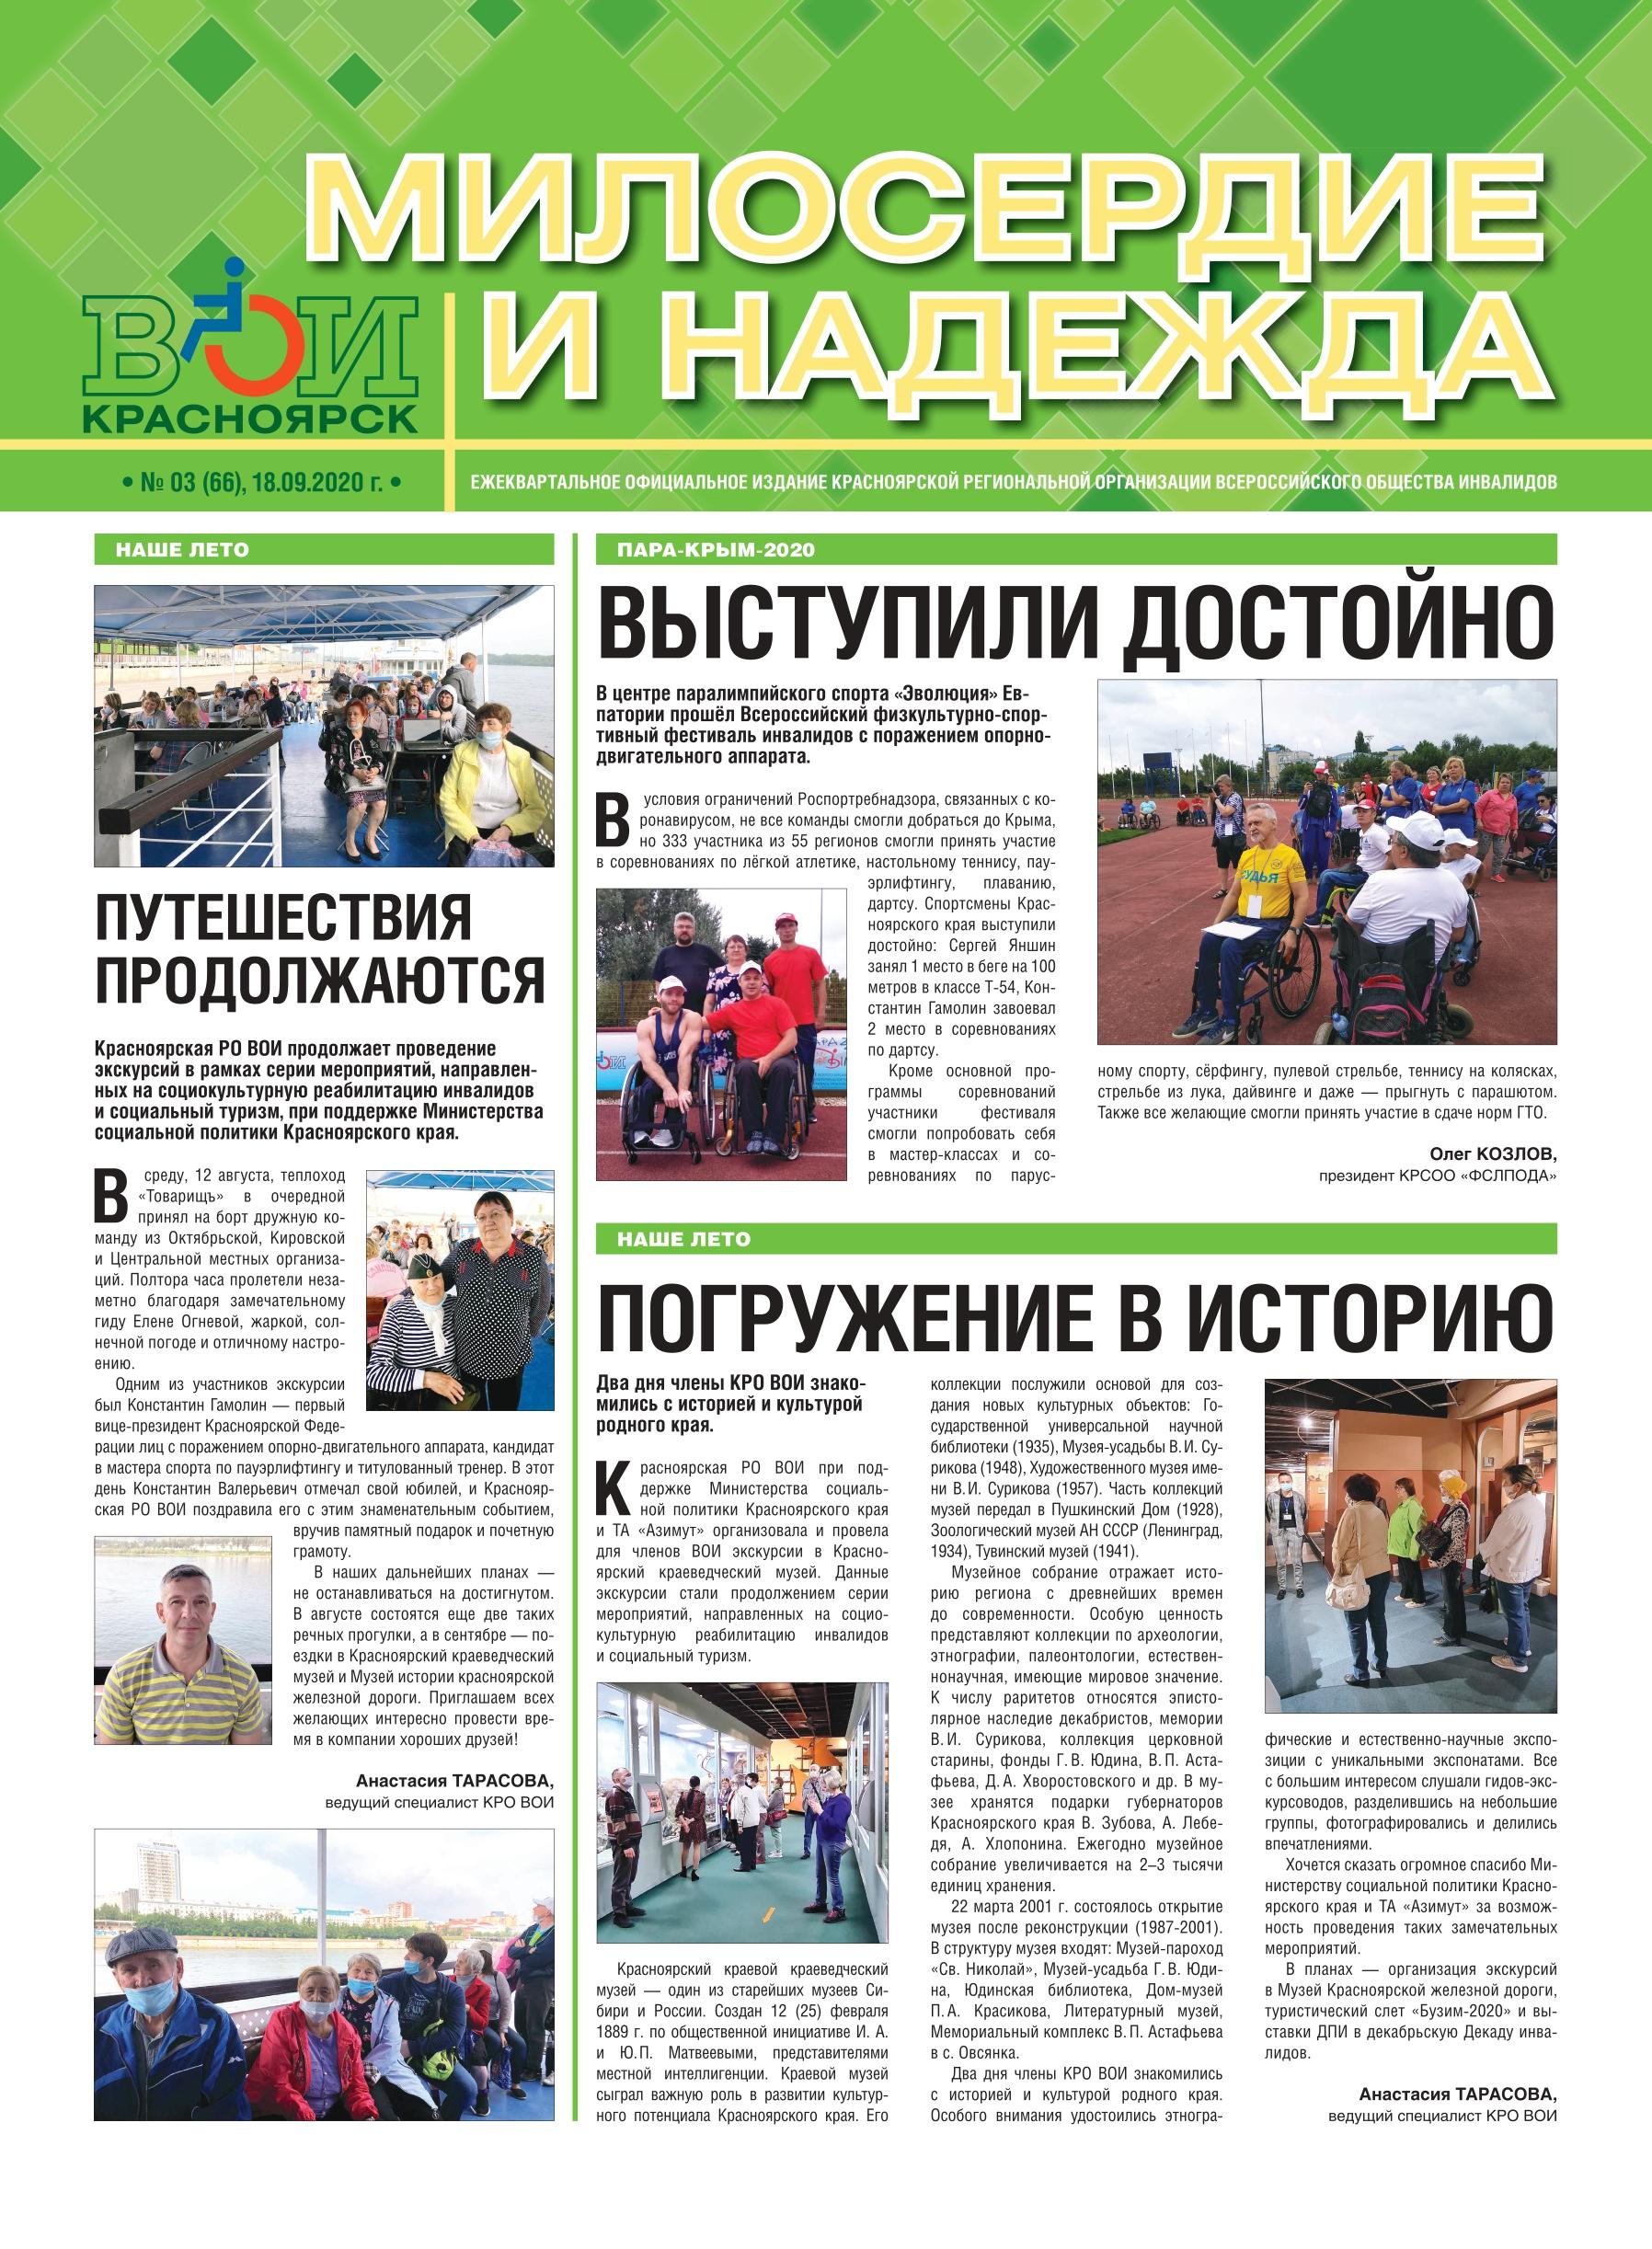 ГАЗЕТА «МИЛОСЕРДИЕ И НАДЕЖДА», ВЫПУСК №66